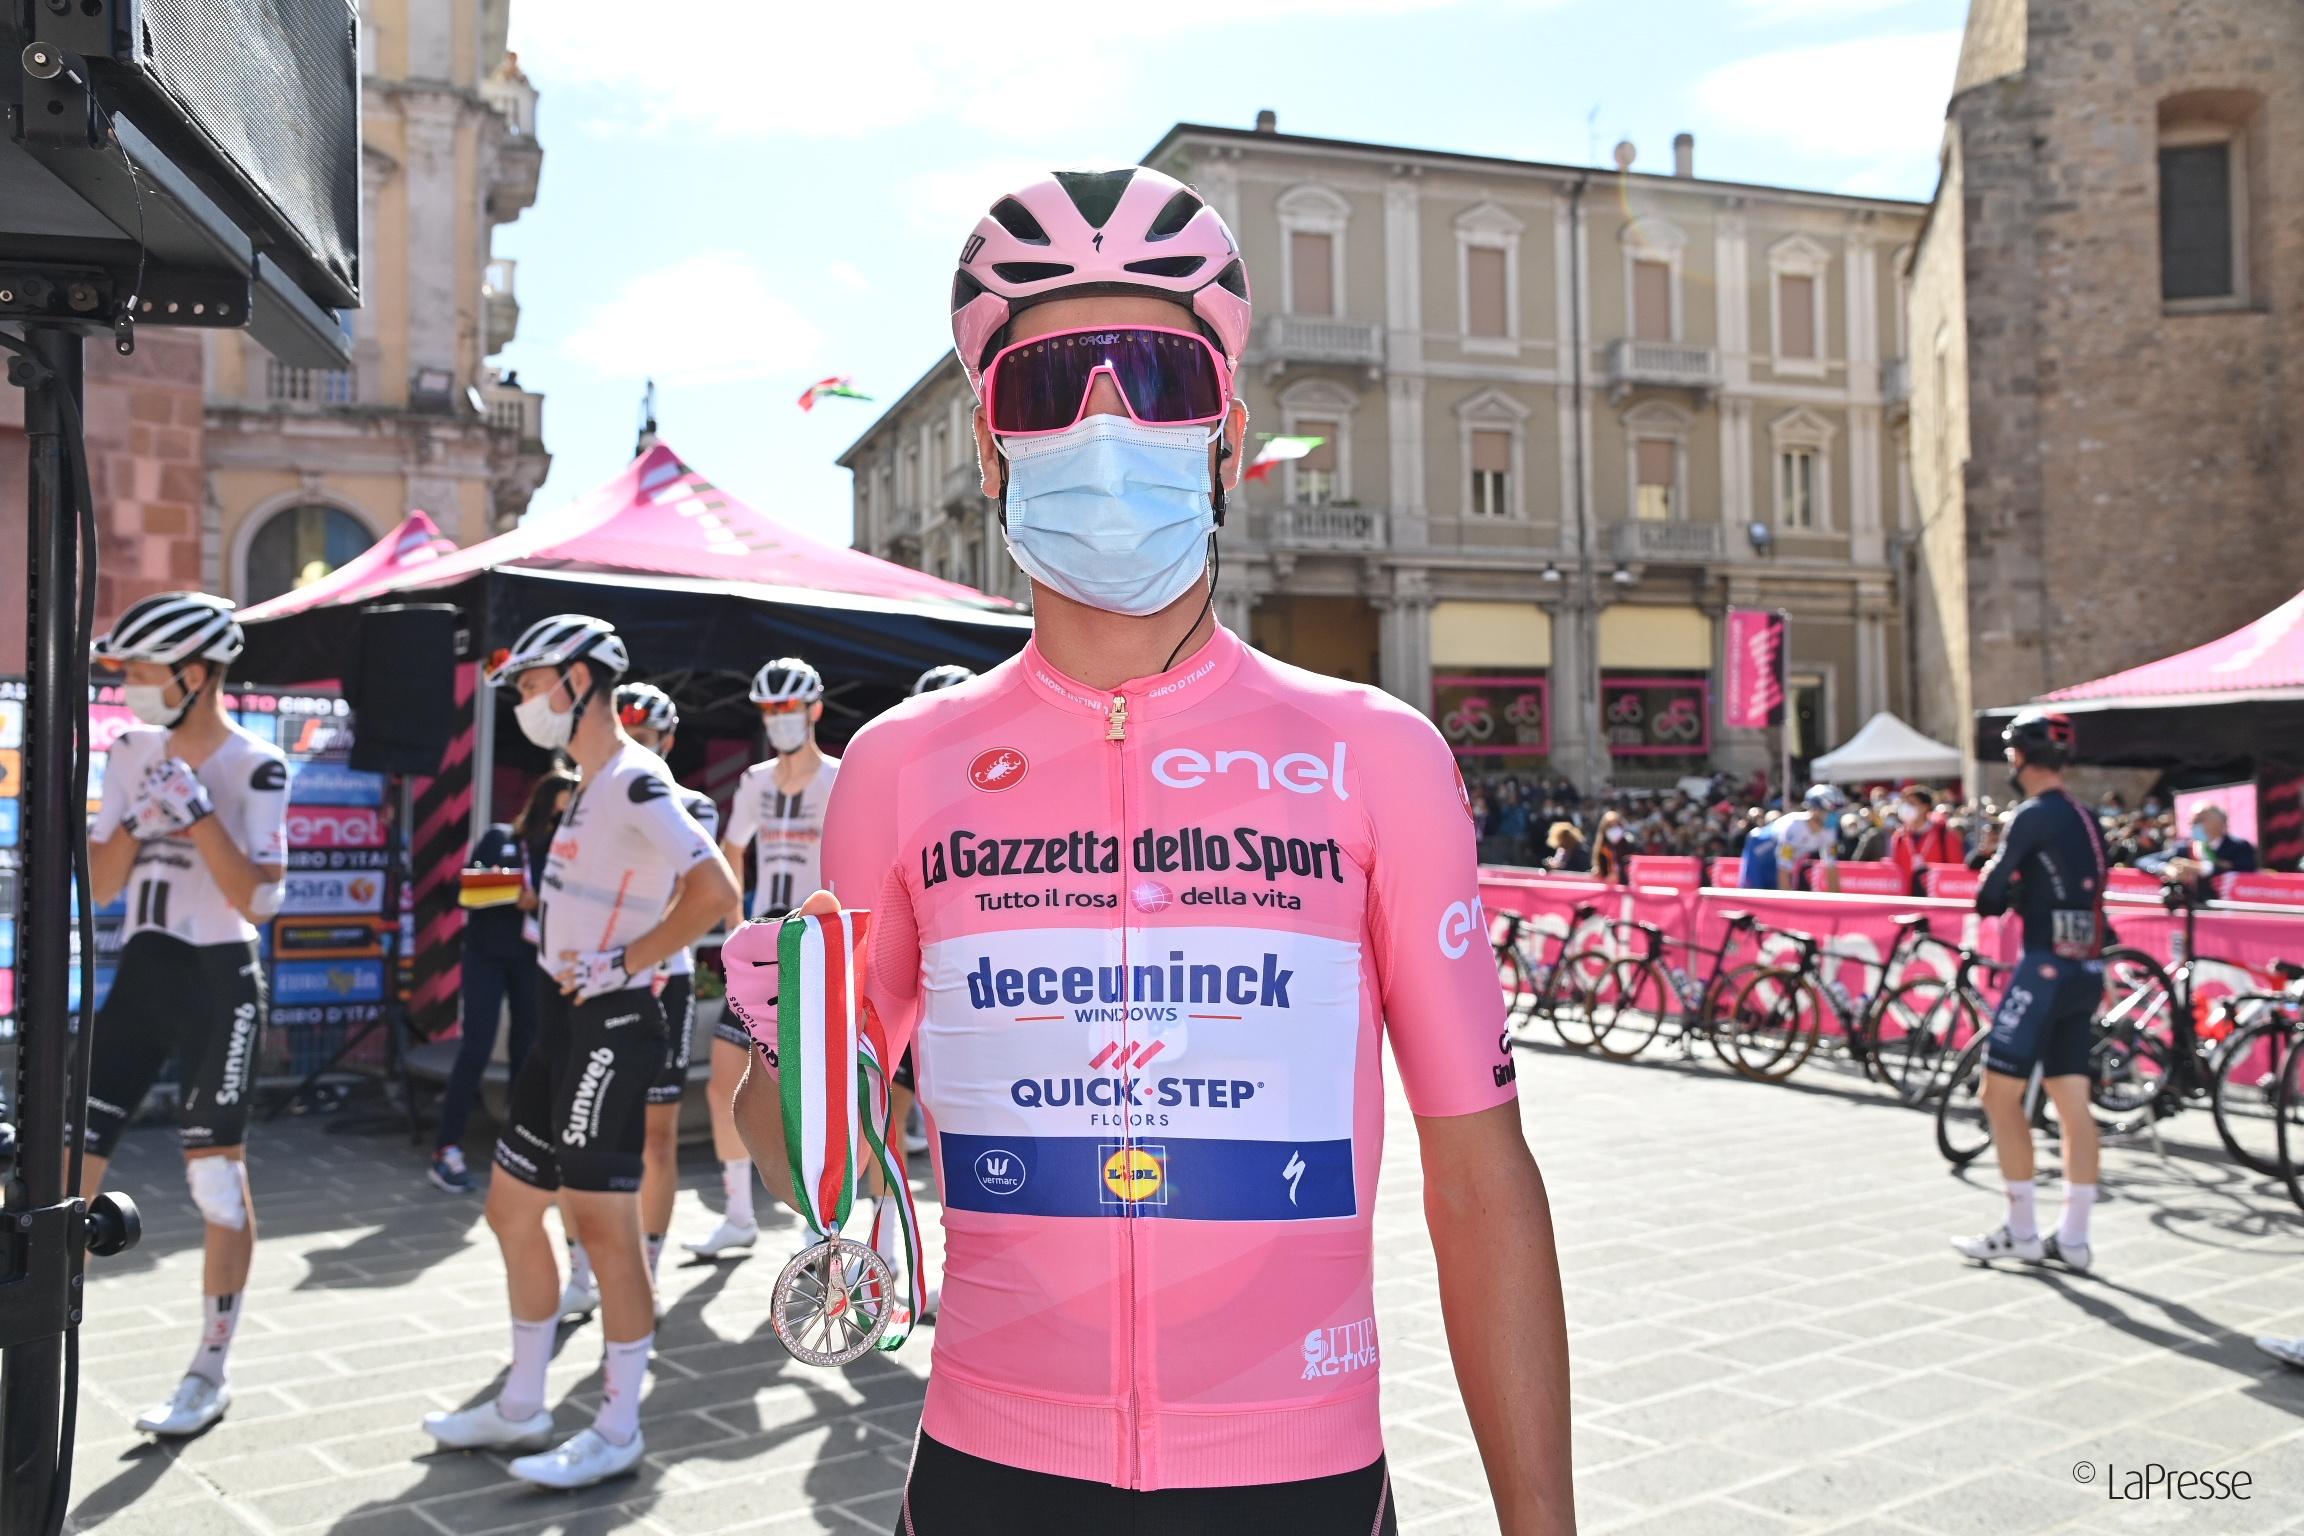 Giro d'Italia, consegnati i gioielli Evol ai quattro ciclisti vincitori di tappa